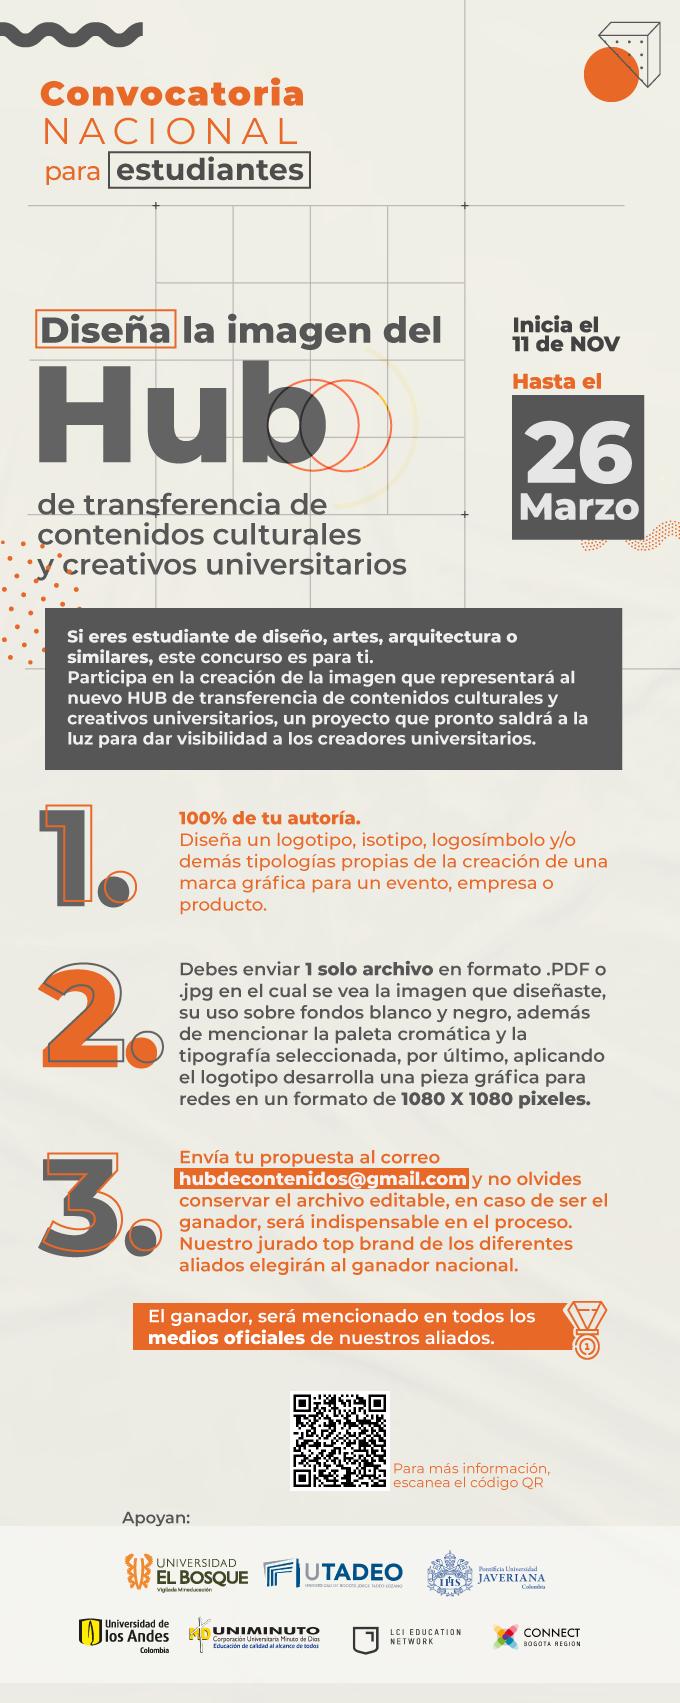 Convocatoria nacional paraestudiantes | Diseña la imagen del Hub de transferencia de contenidosculturales y creativos universitarios